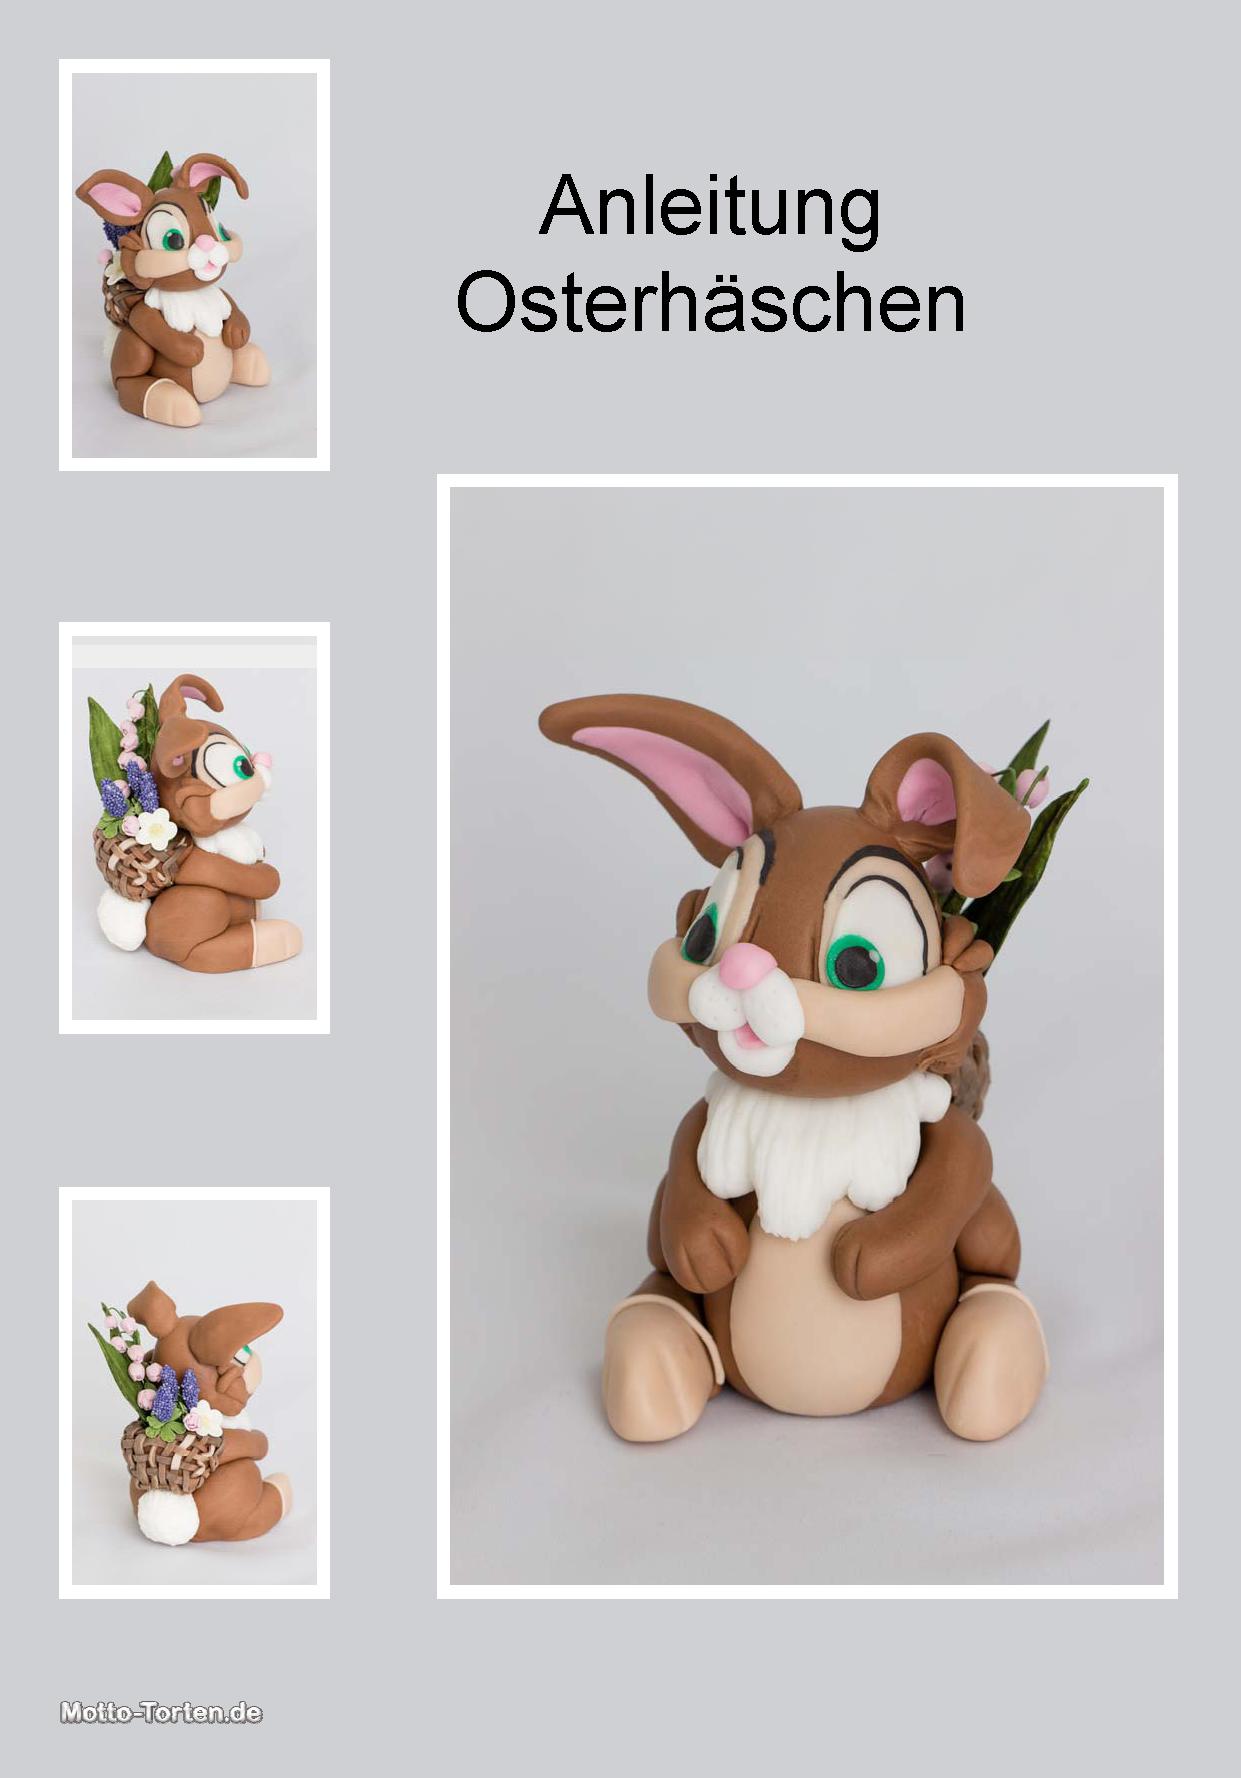 Anleitung Osterhaschen Aus Fondant Fondant Figuren Anleitung Torten Figuren Marzipan Figuren Anleitung